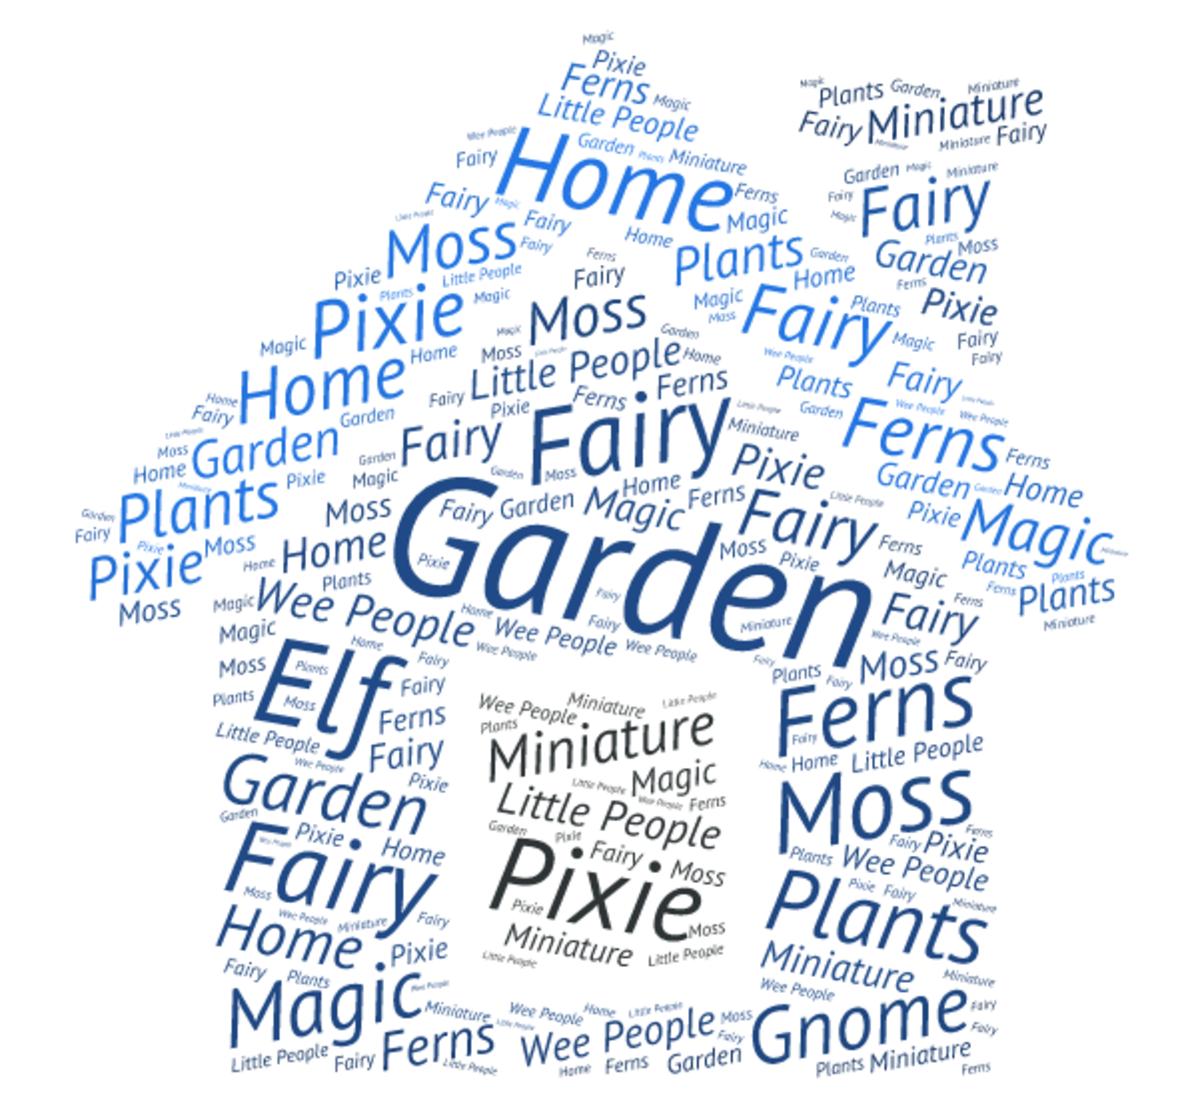 fairy house logo